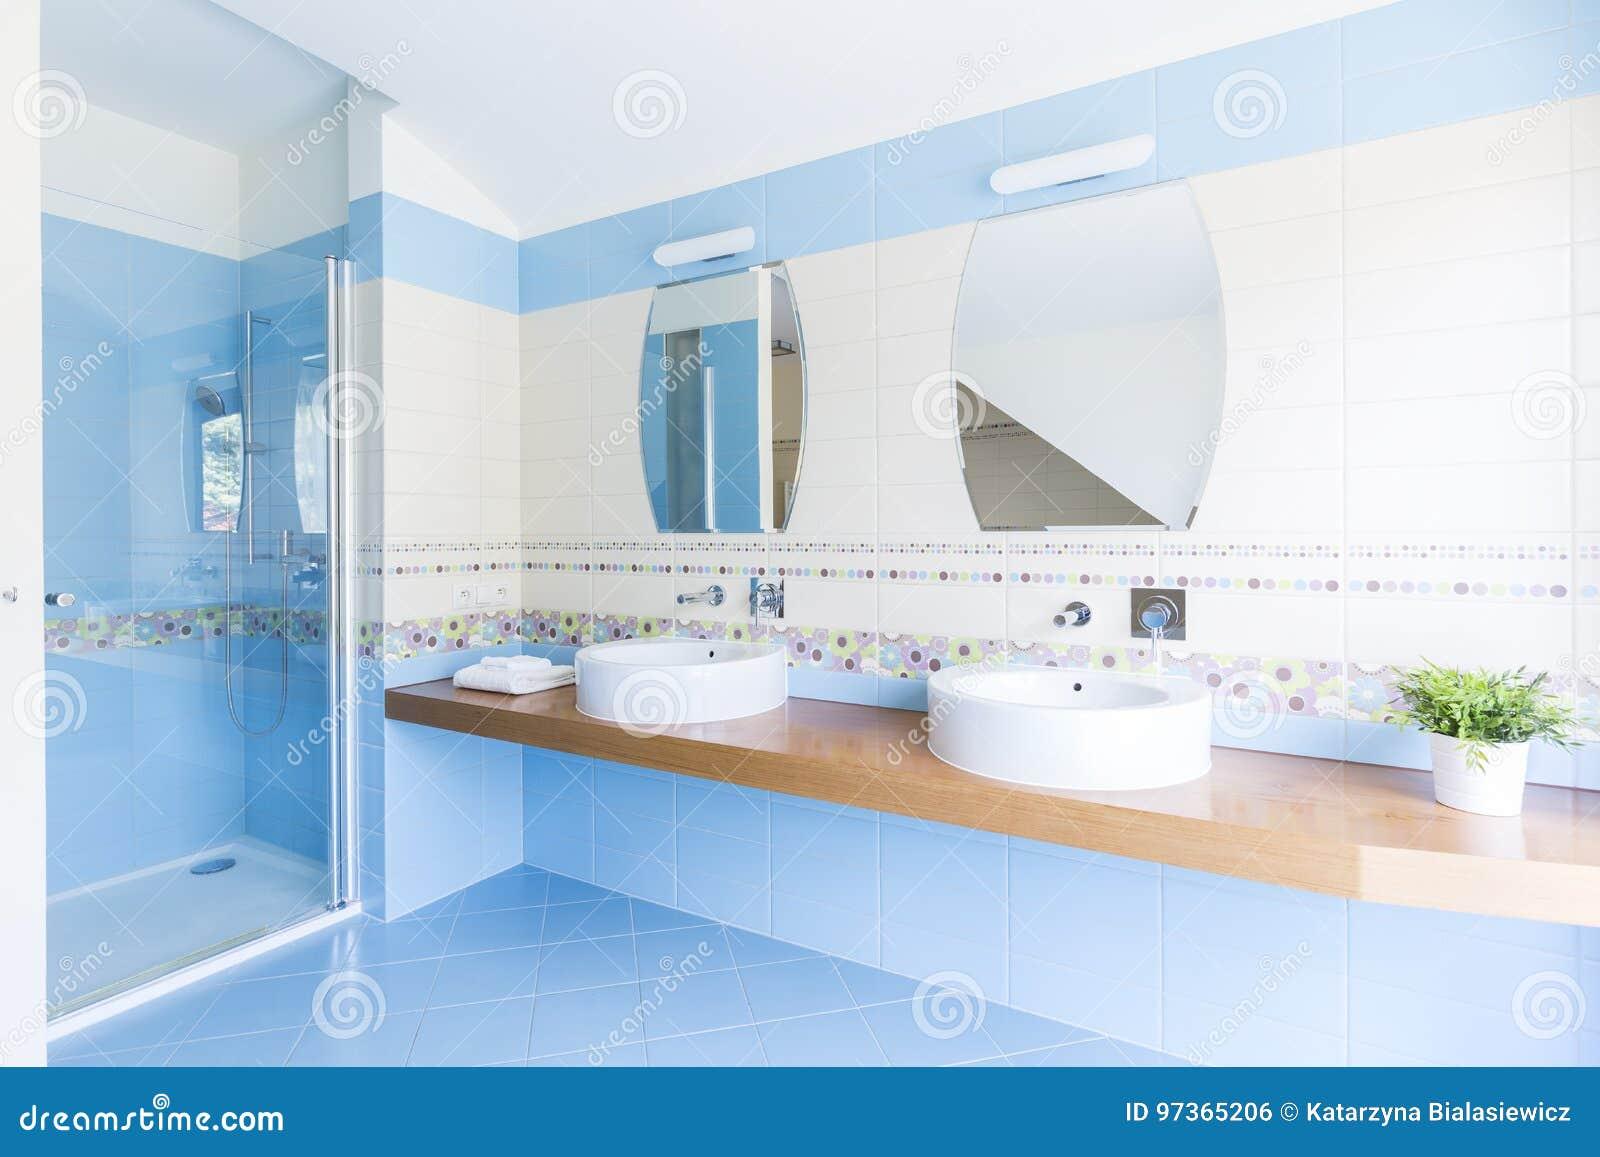 Salle De Bains Blanche Et Bleue Photo stock - Image du ...